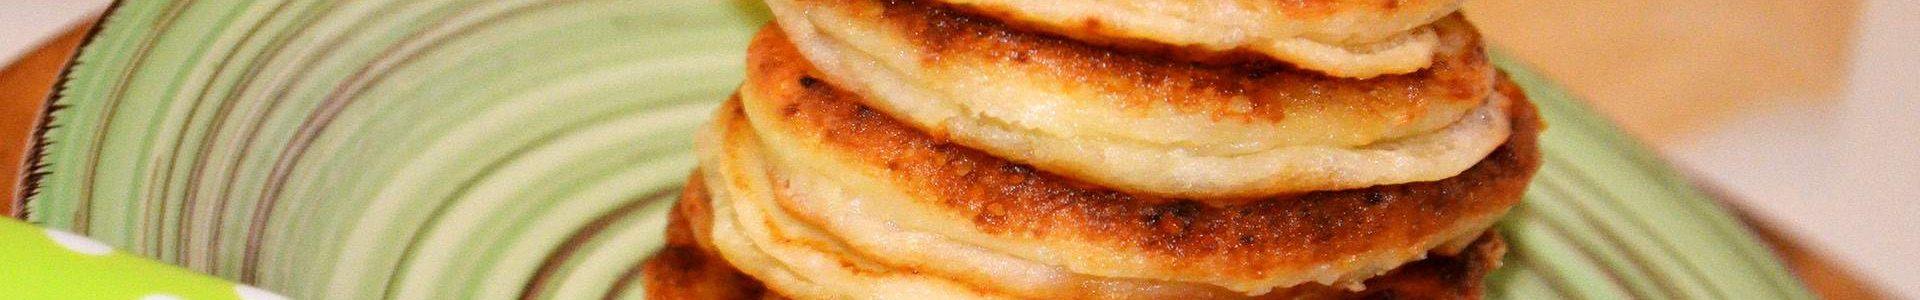 Оладьи с творогом и сыром